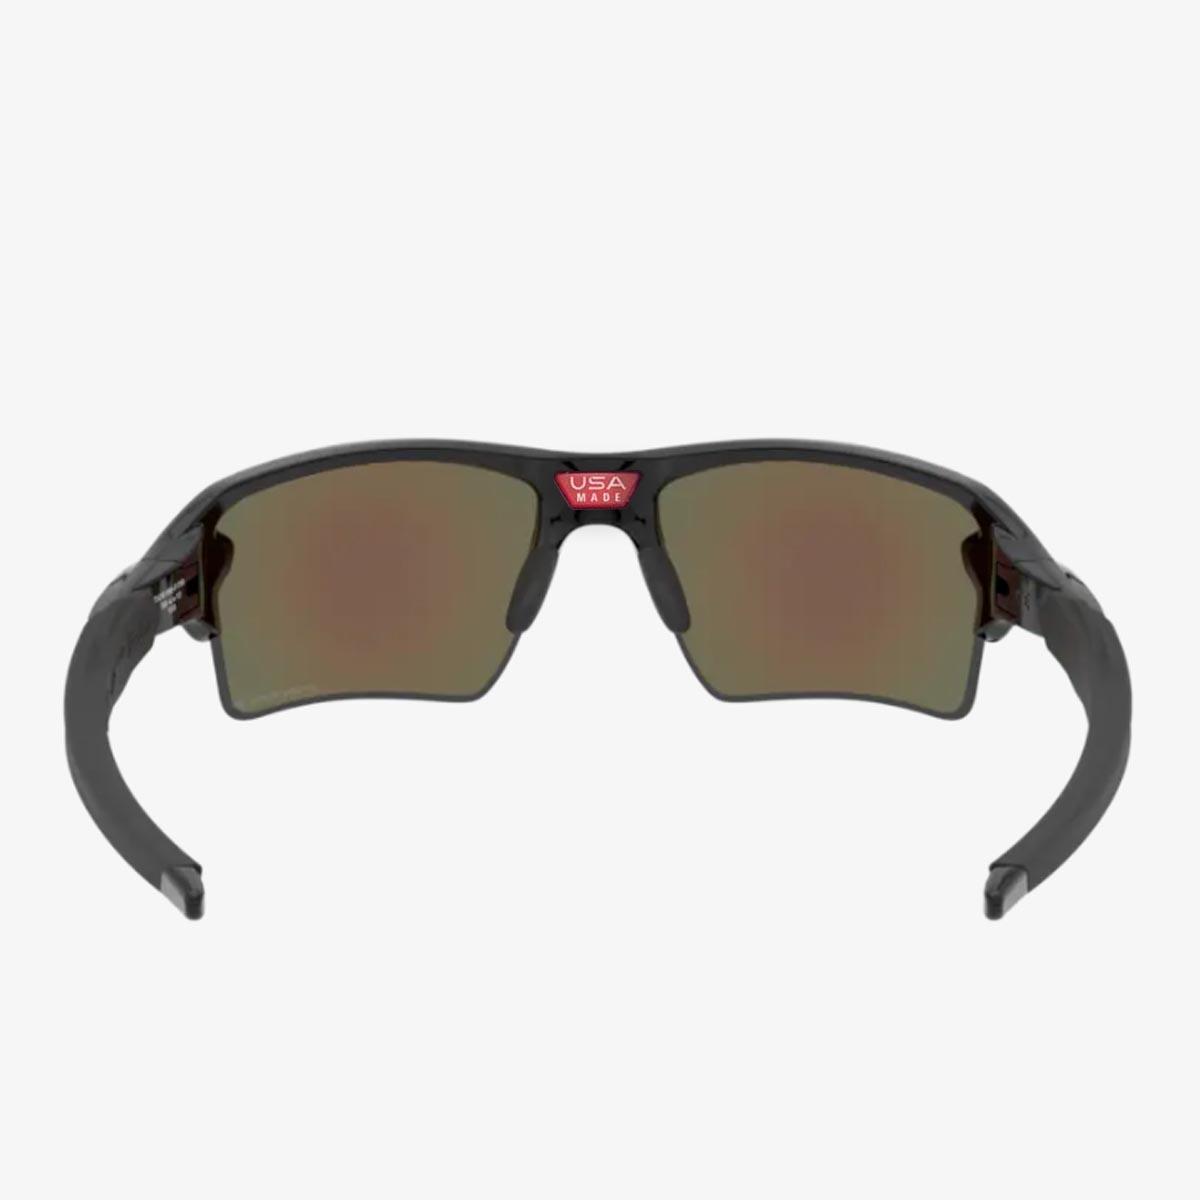 Oculos Para Ciclismo Oakley Flak 2.0 XL Preto Com Lente Prizm Sapphire Iridium Polarizada Espelhada Azul